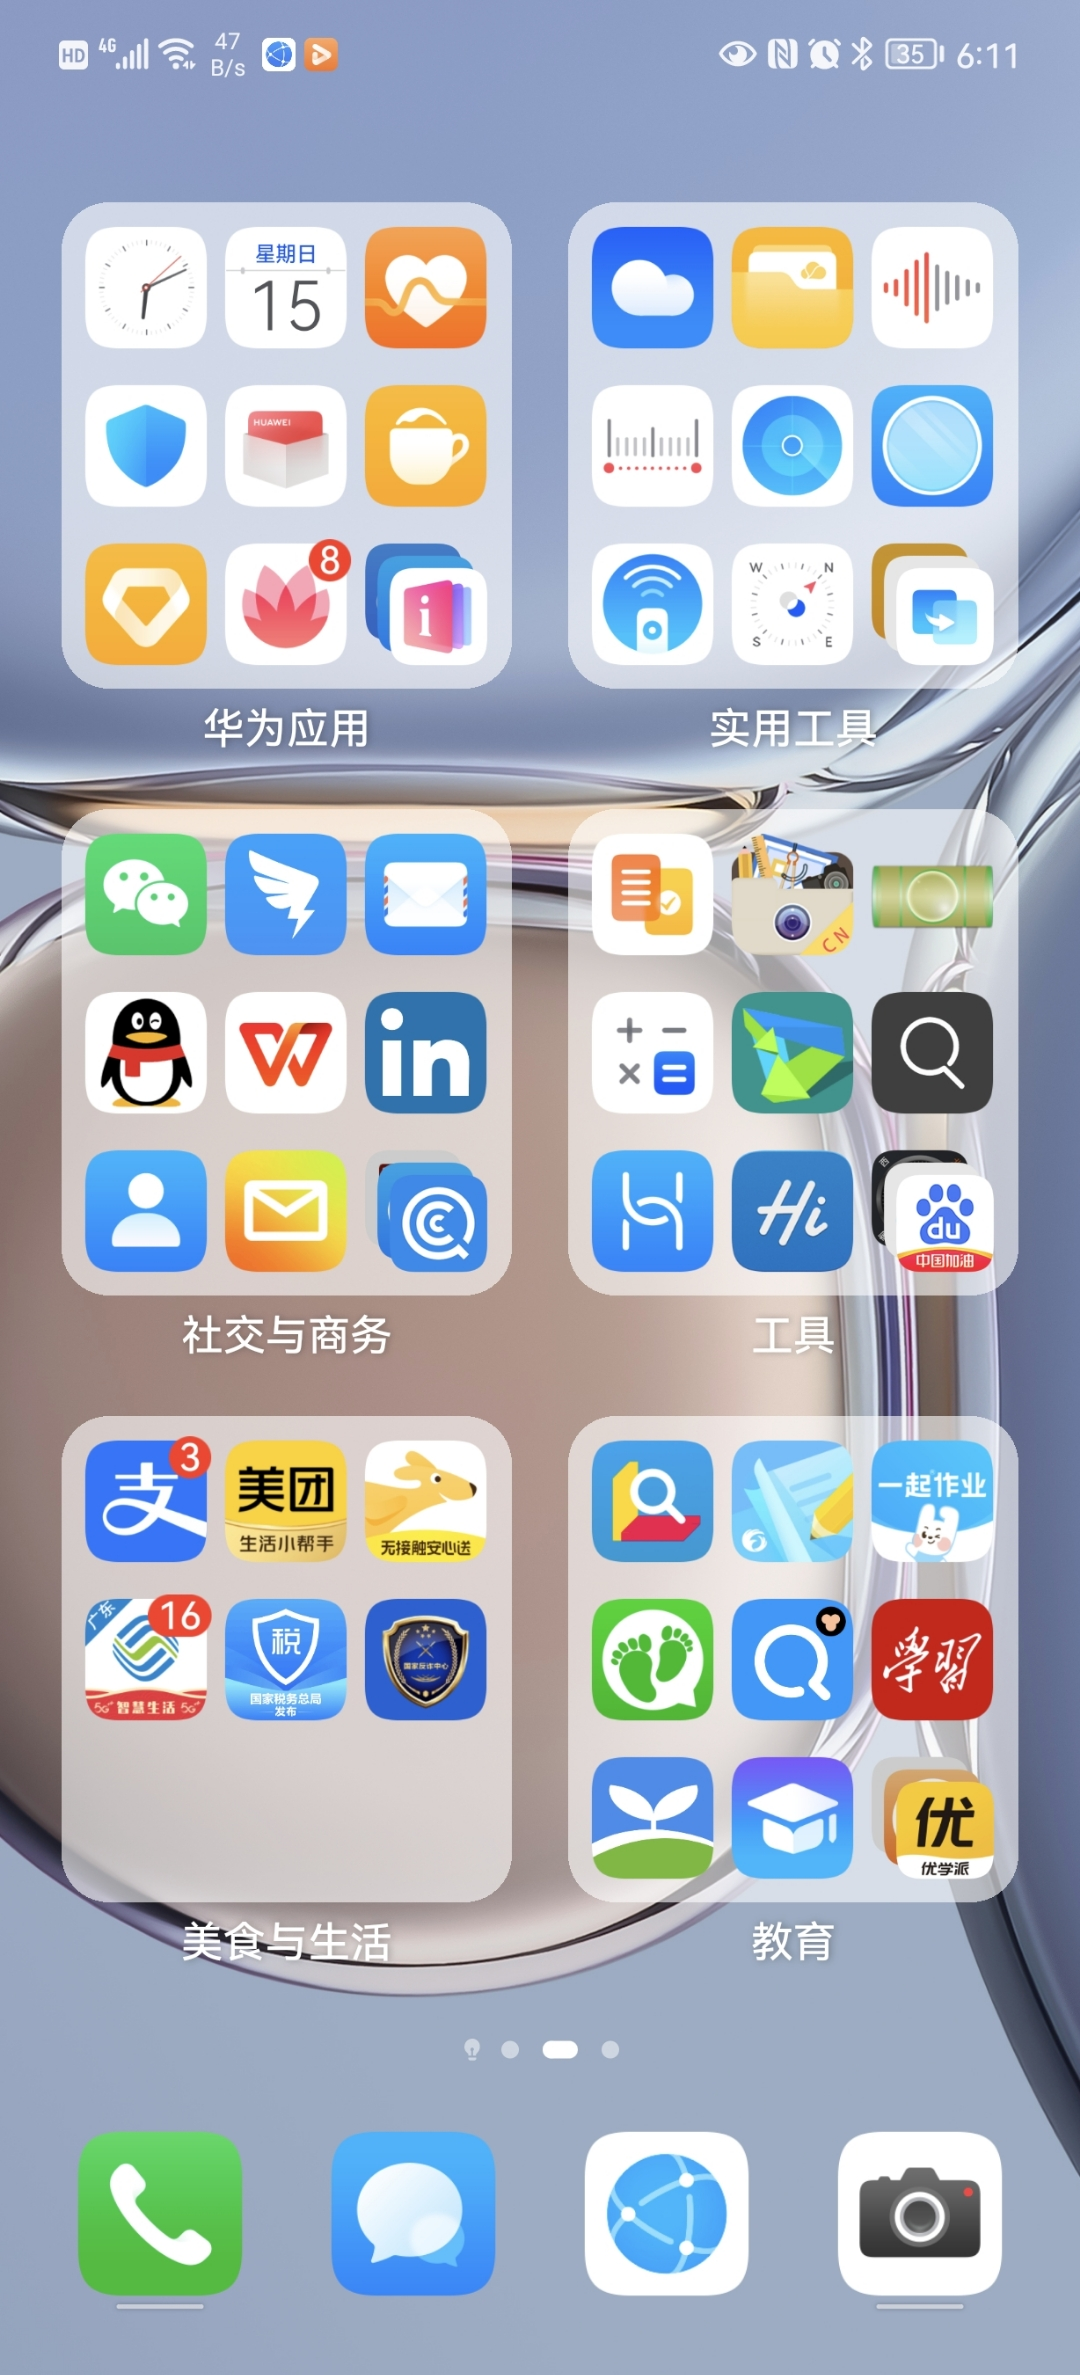 Screenshot_20210815_181108_com.huawei.android.launcher.jpg